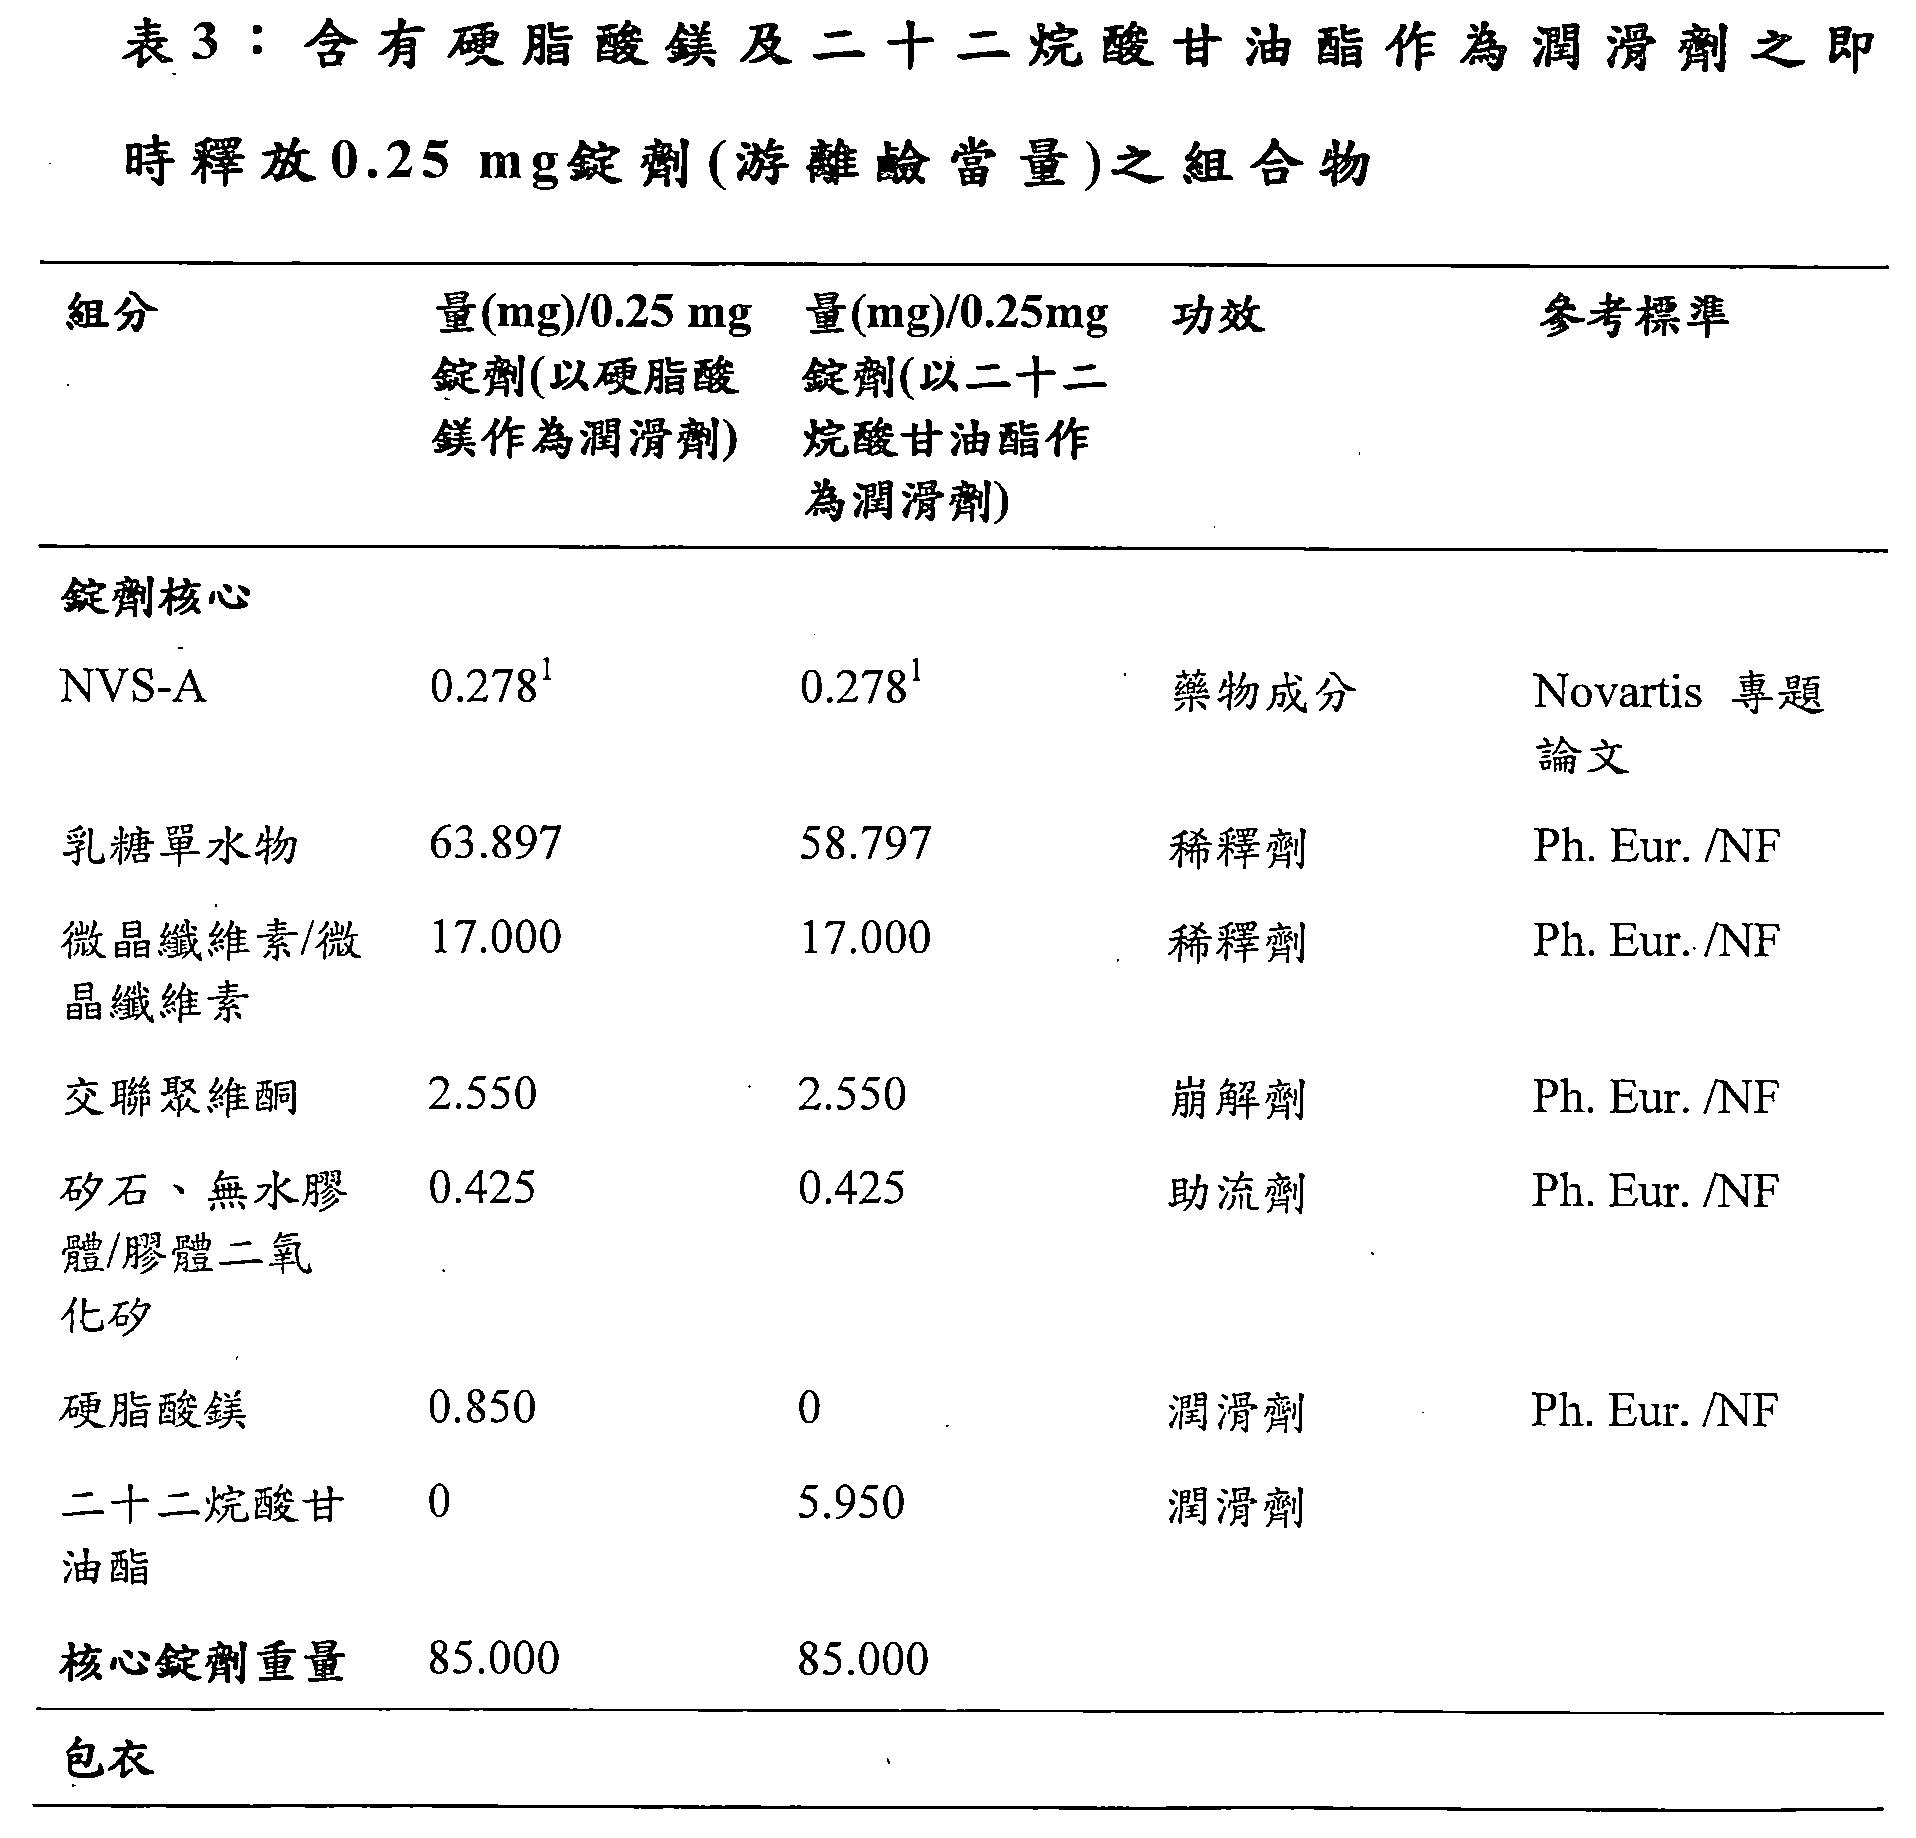 Figure TWI610672BD00014